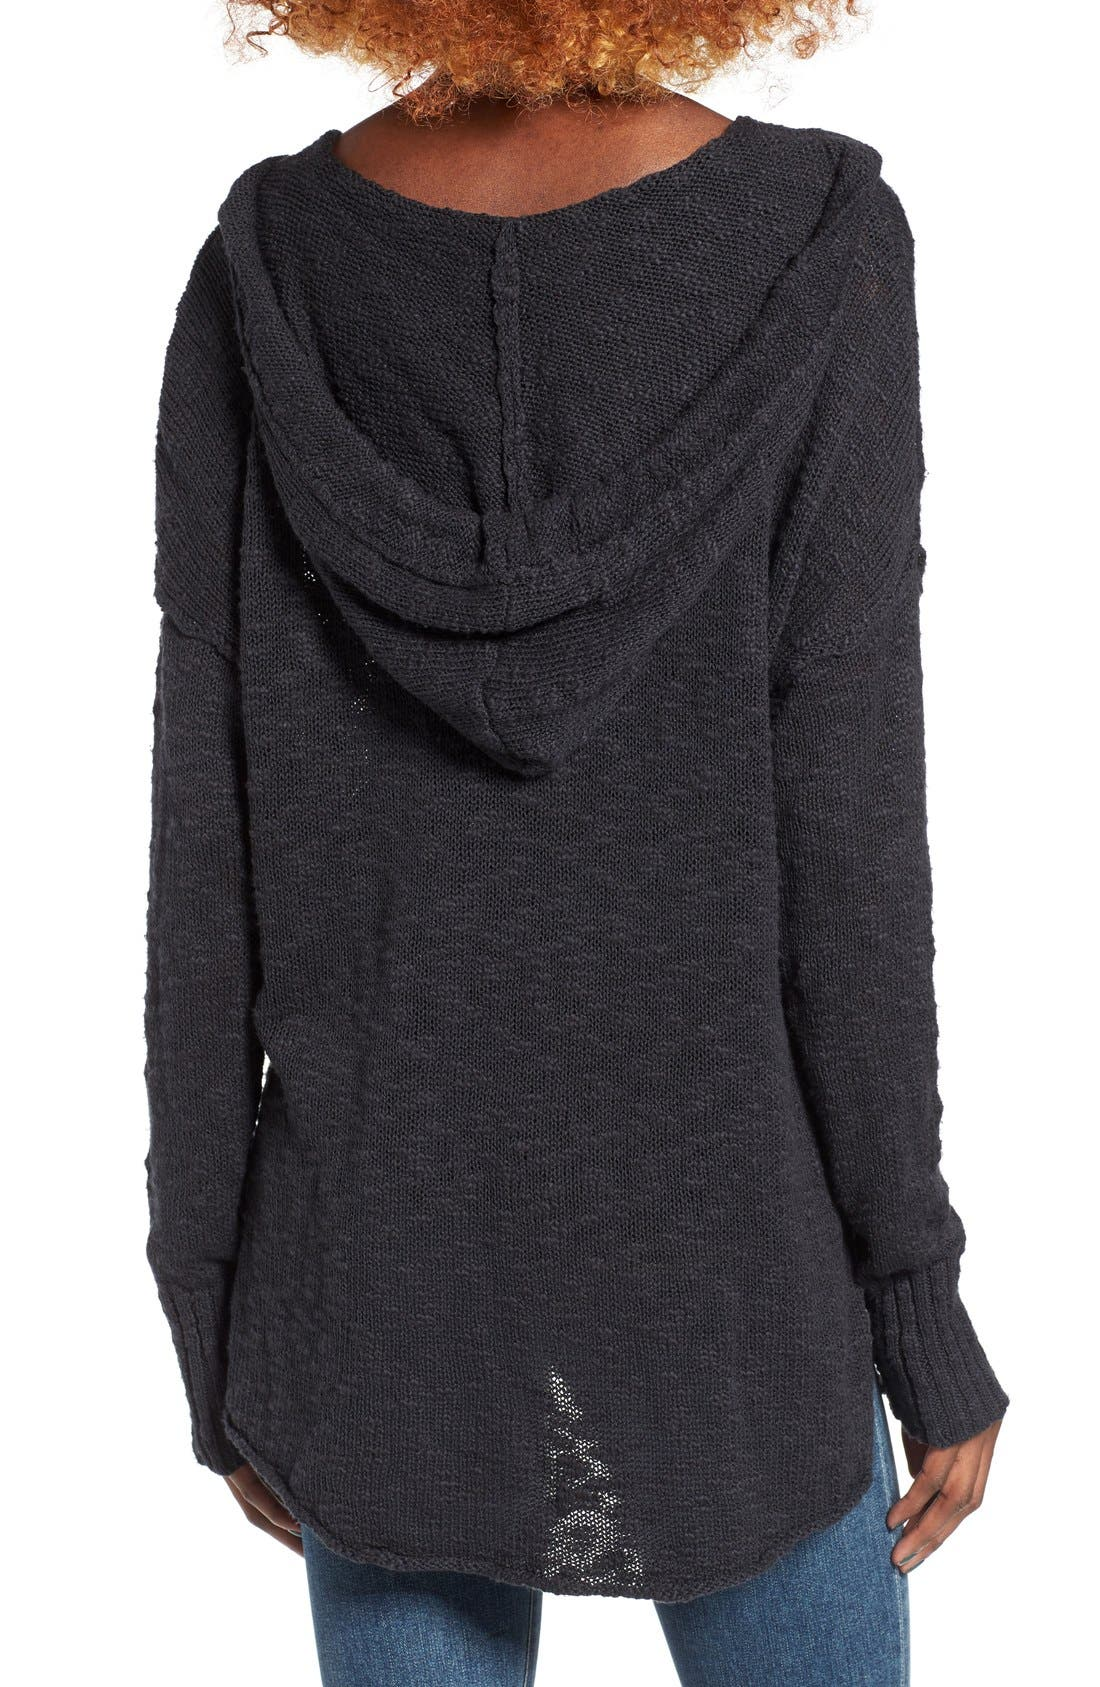 Alternate Image 2  - Roxy Airwaves Hooded Sweater